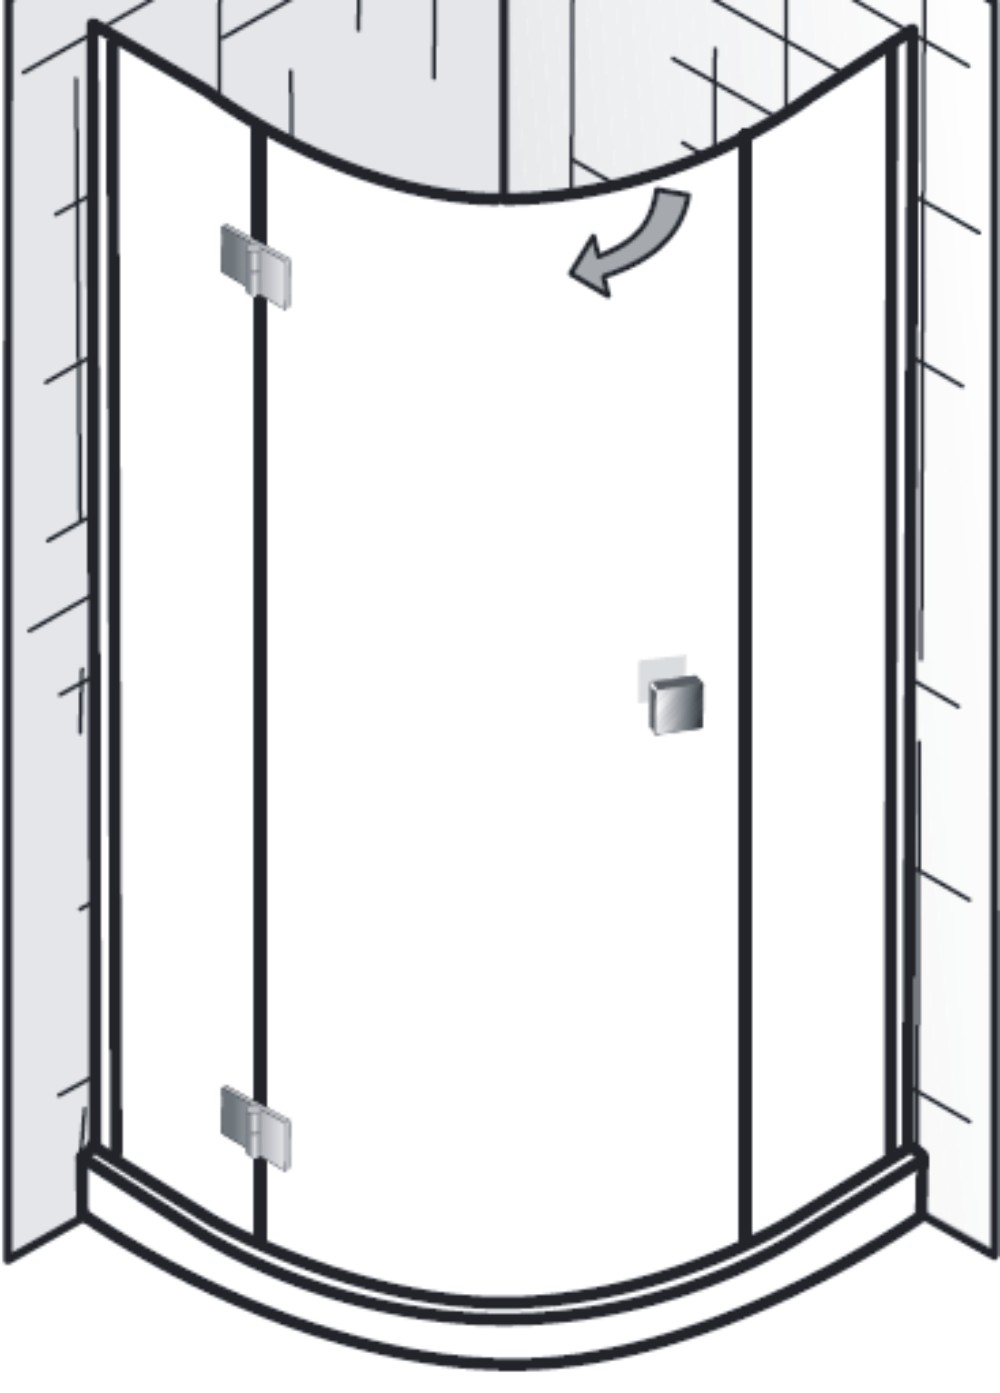 hsk duschkabine atelier b viertelkreis dusche 1 t r arcom center. Black Bedroom Furniture Sets. Home Design Ideas